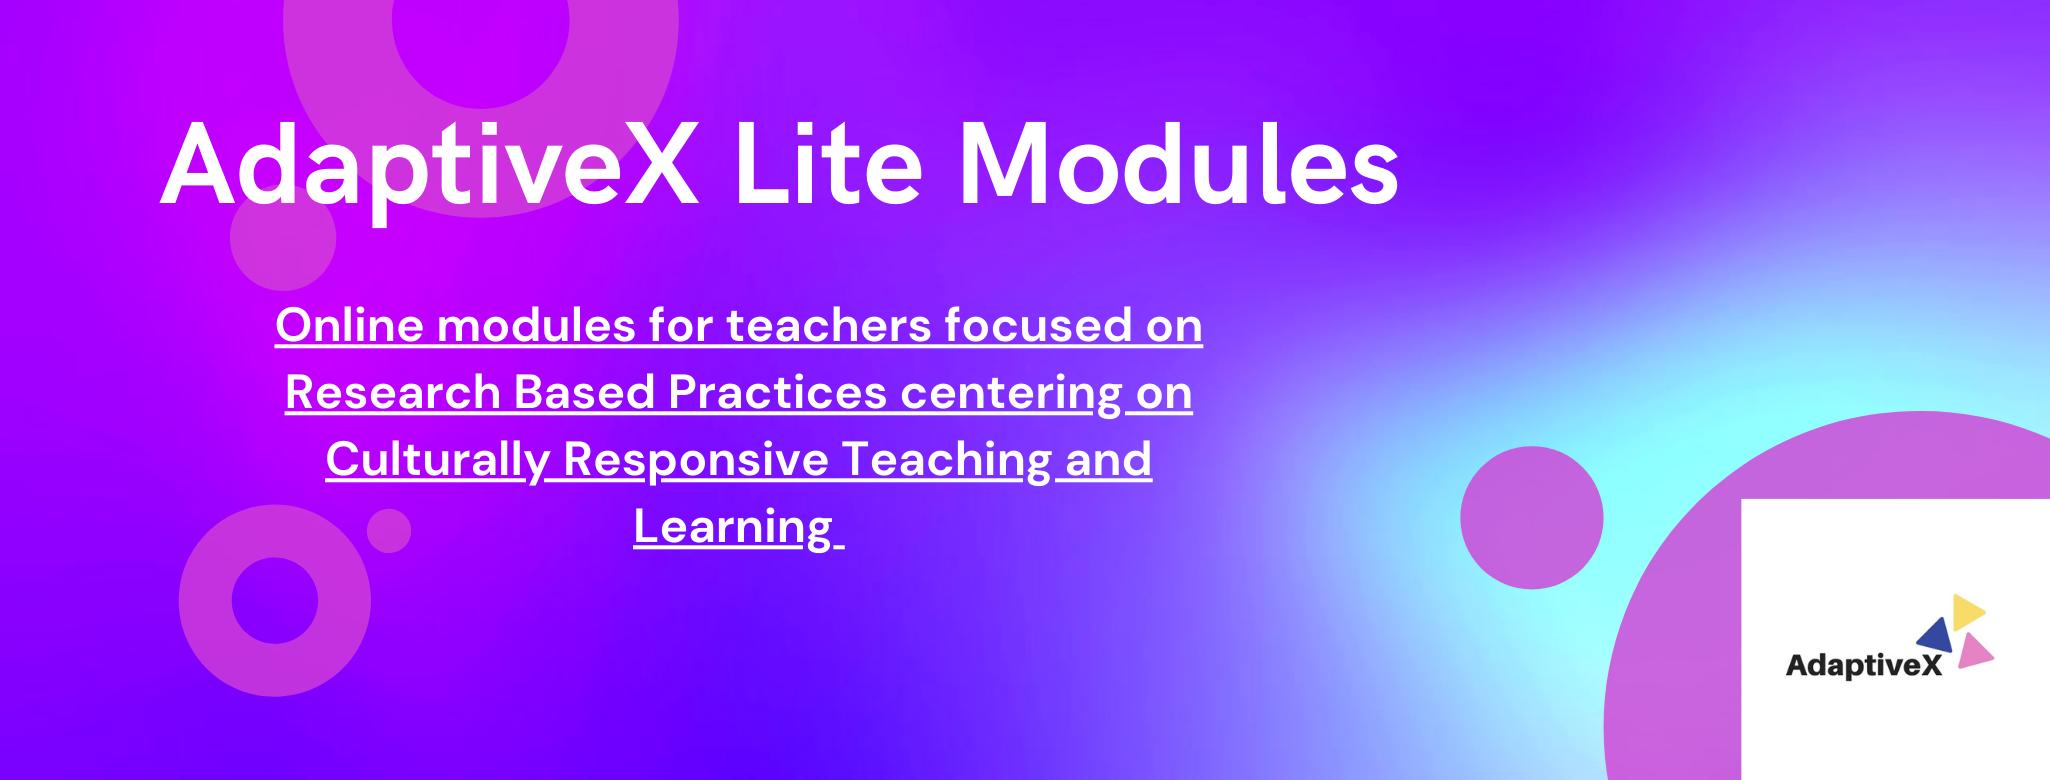 adaptivex lite module, adpativex lite modules